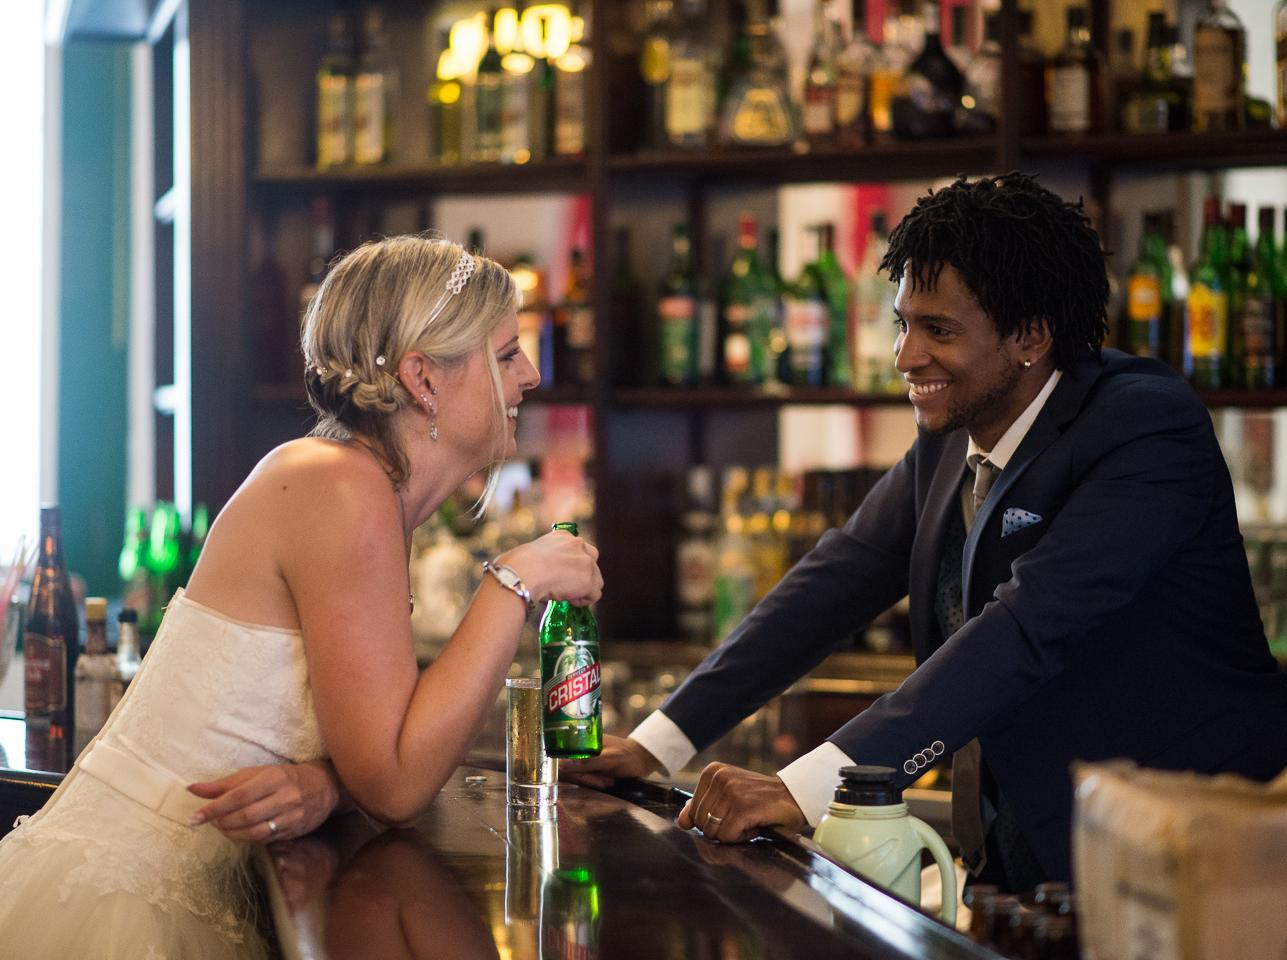 bodas-estilo-libre-sin-tema-cuba-11402.jpg